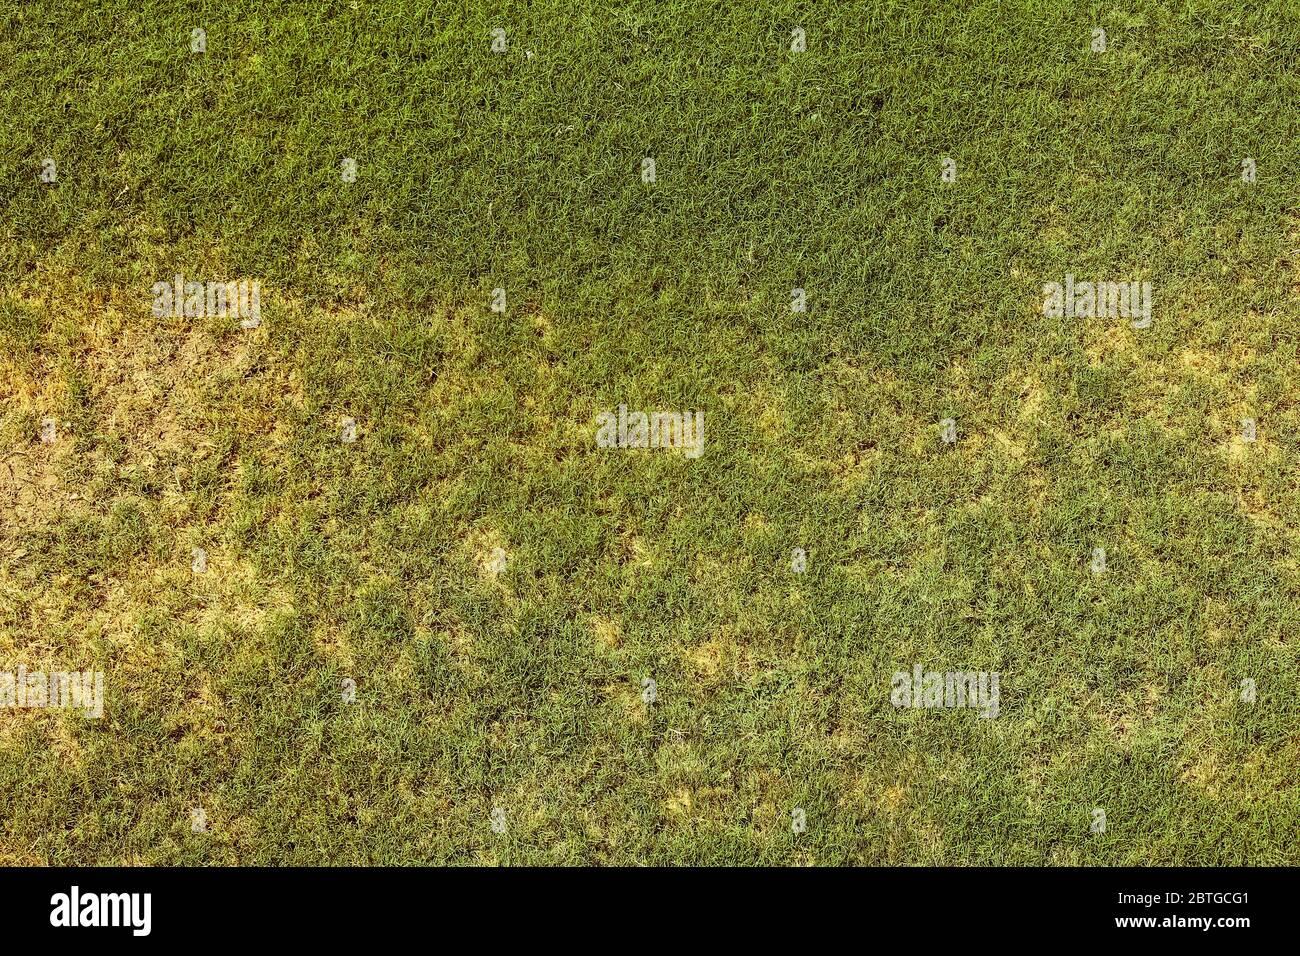 Vista superior del concepto de jardín de césped brillante utilizado para hacer fondo verde, césped para el entrenamiento de campo de fútbol, césped campos de golf césped verde patrón t Foto de stock